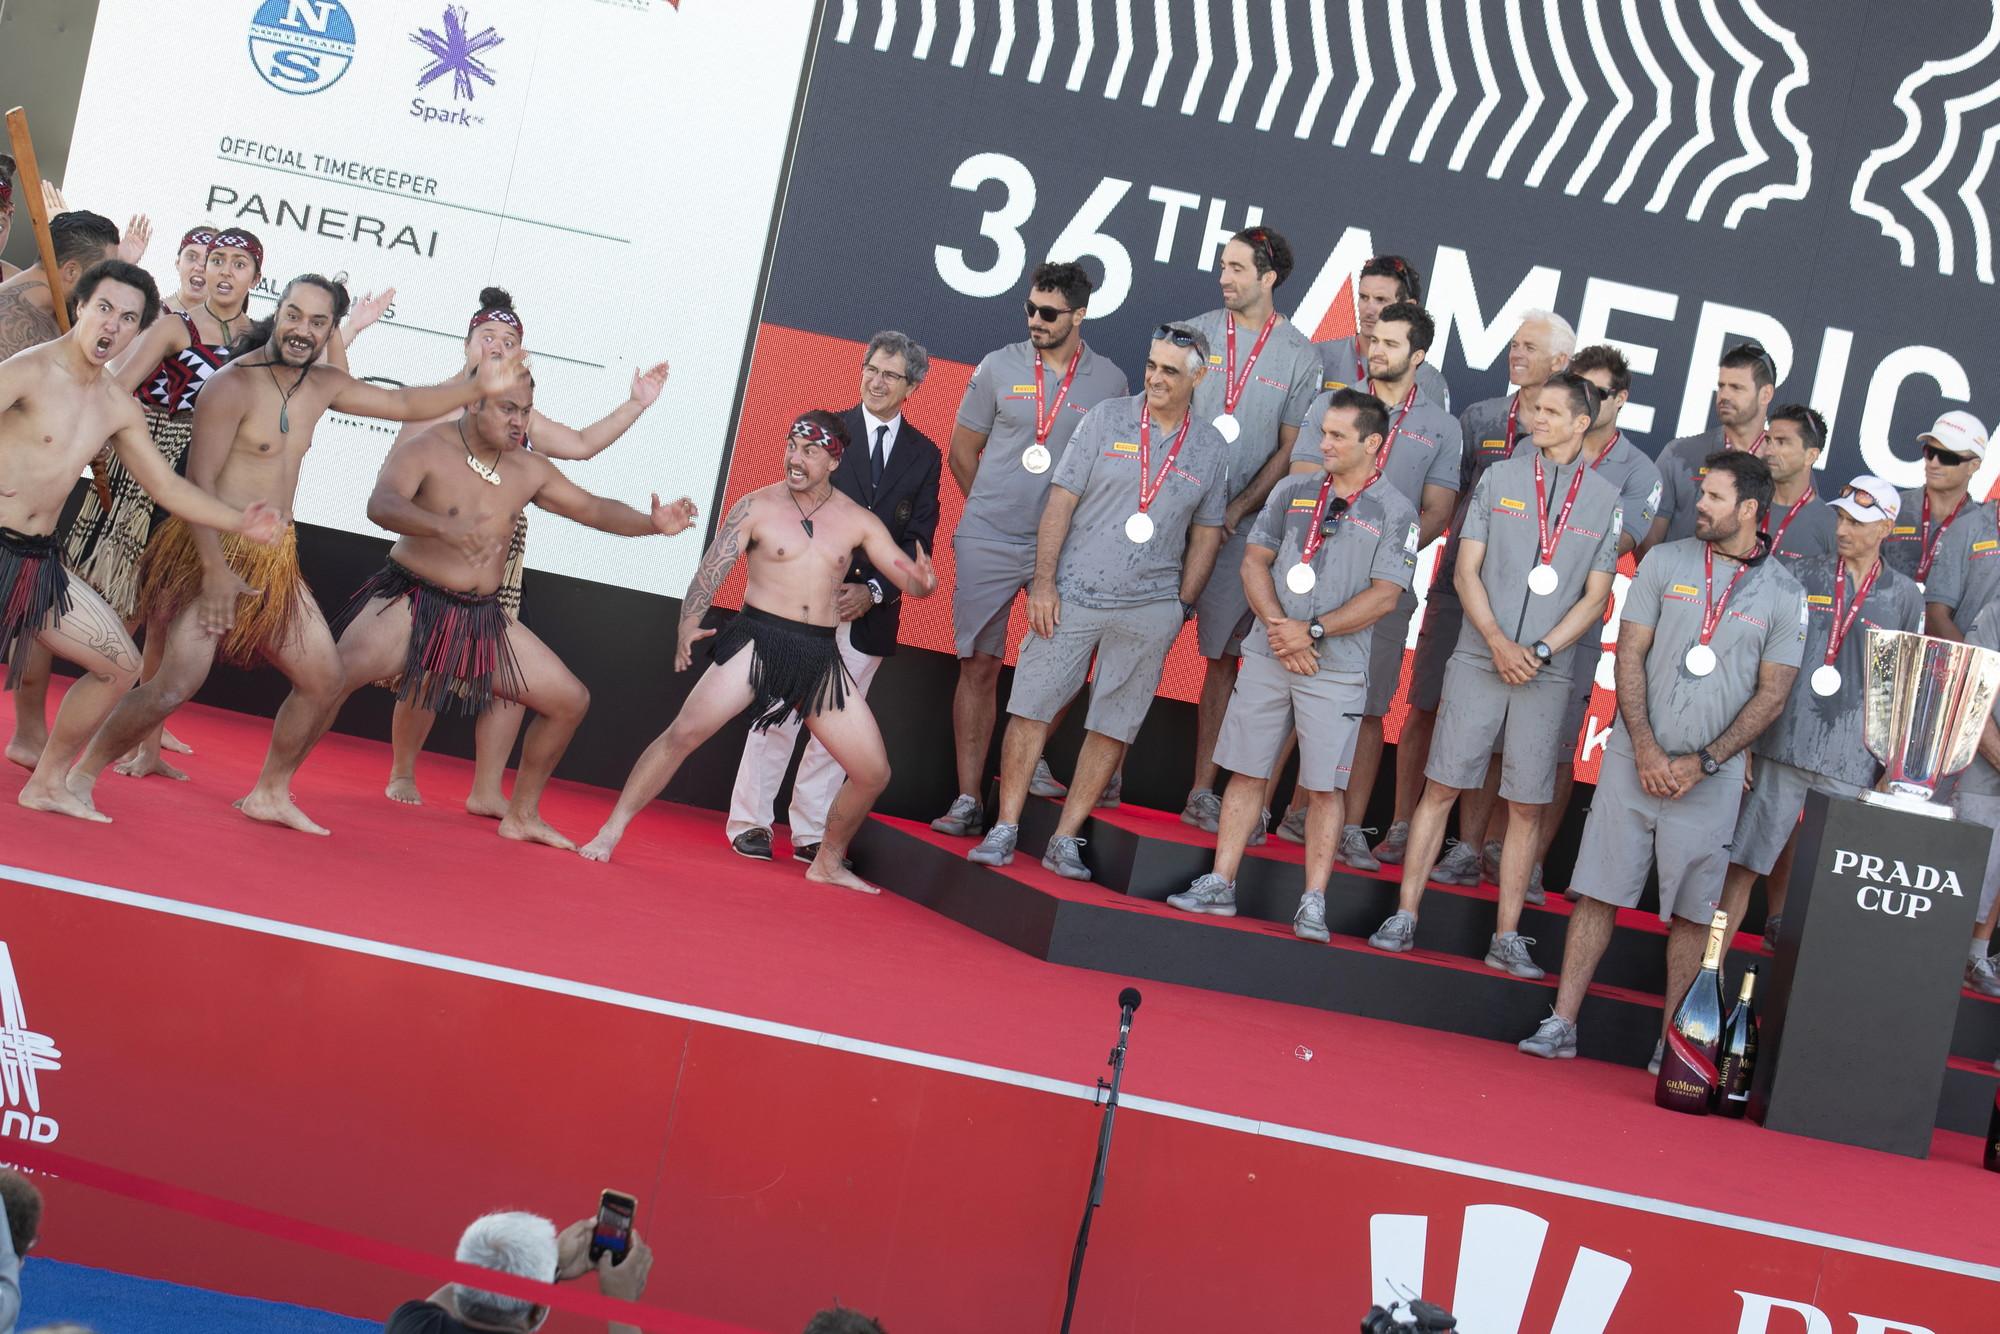 Con la cerimonia conclusiva, avvenuta sul main stage dell&#39;America&#39;s Cup village di Auckland, in Nuova Zelanda, la Prada Cup e&#39; stata consegnata all&#39;equipaggio di Luna Rossa uscito vittorioso dalla sfida contro i britannici di Ineos Team per 7 vittorie a una nella finale conclusa domenica scorsa. Il programma e&#39; iniziato con il saluto dei guerrieri Maori, che hanno anche concluso con la tradizionale Haka. Un video ha ripercorso i momenti salienti delle regate che hanno visto protagonista la barca italiana. Il Trofeo, realizzato da maestri argentieri fiorentini su disegno di Mark Lawson, e&#39; stato consegnato all&#39;equipaggio da Francesco Longanesi Cattani, COR 36&#39;s CEO Representative a Auckland e Title Sponsor Liaison. Sul palco a ricevere il Trofeo il Team Director e Skipper Max Sirena, i due timonieri Francesco Bruni e Jimmy Spithill oltre a tutto l&#39;equipaggio e una rappresentanza di tecnici e designer che hanno contribuito al risultato, assieme al Commodoro del Circolo della Vela Sicilia Agostino Randazzo. L&#39;equipaggio ha ricevuto anche le medaglie e uno zaino PRADA realizzato in materiale Re-Nylon.<br /><br />